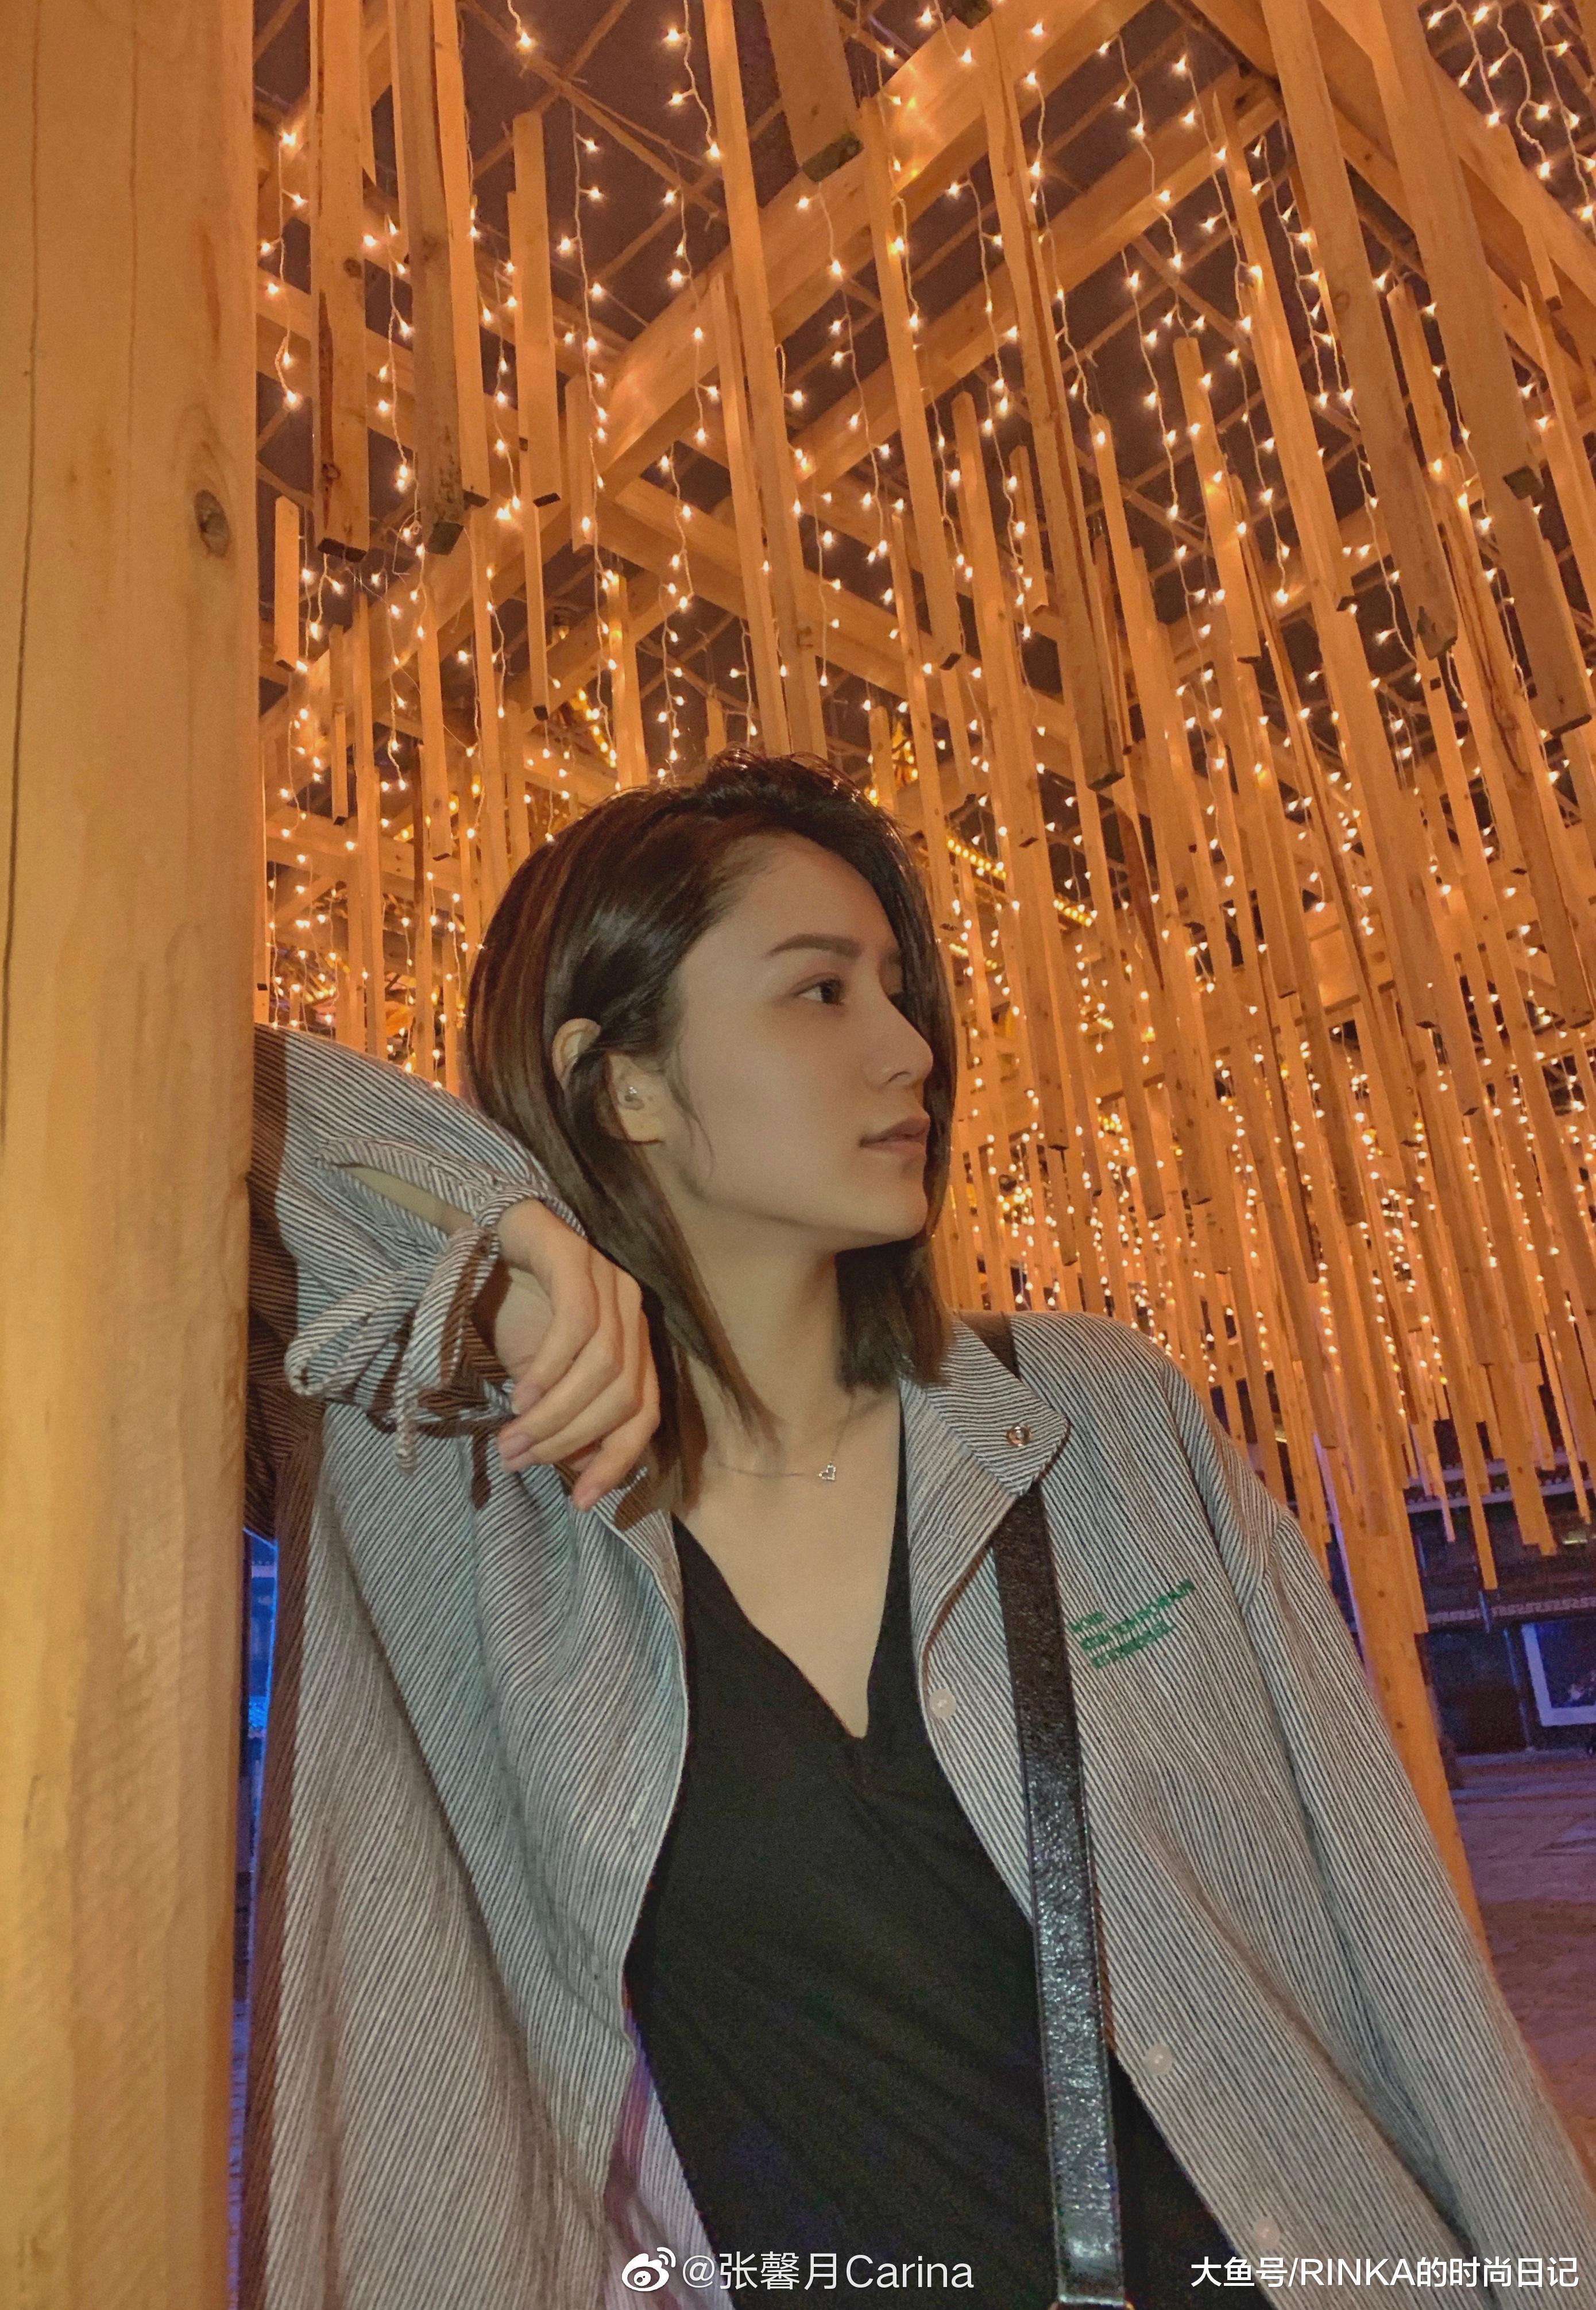 林峰女友520低调示爱,恋爱之后衣品大幅提升,网红气质荡然无存